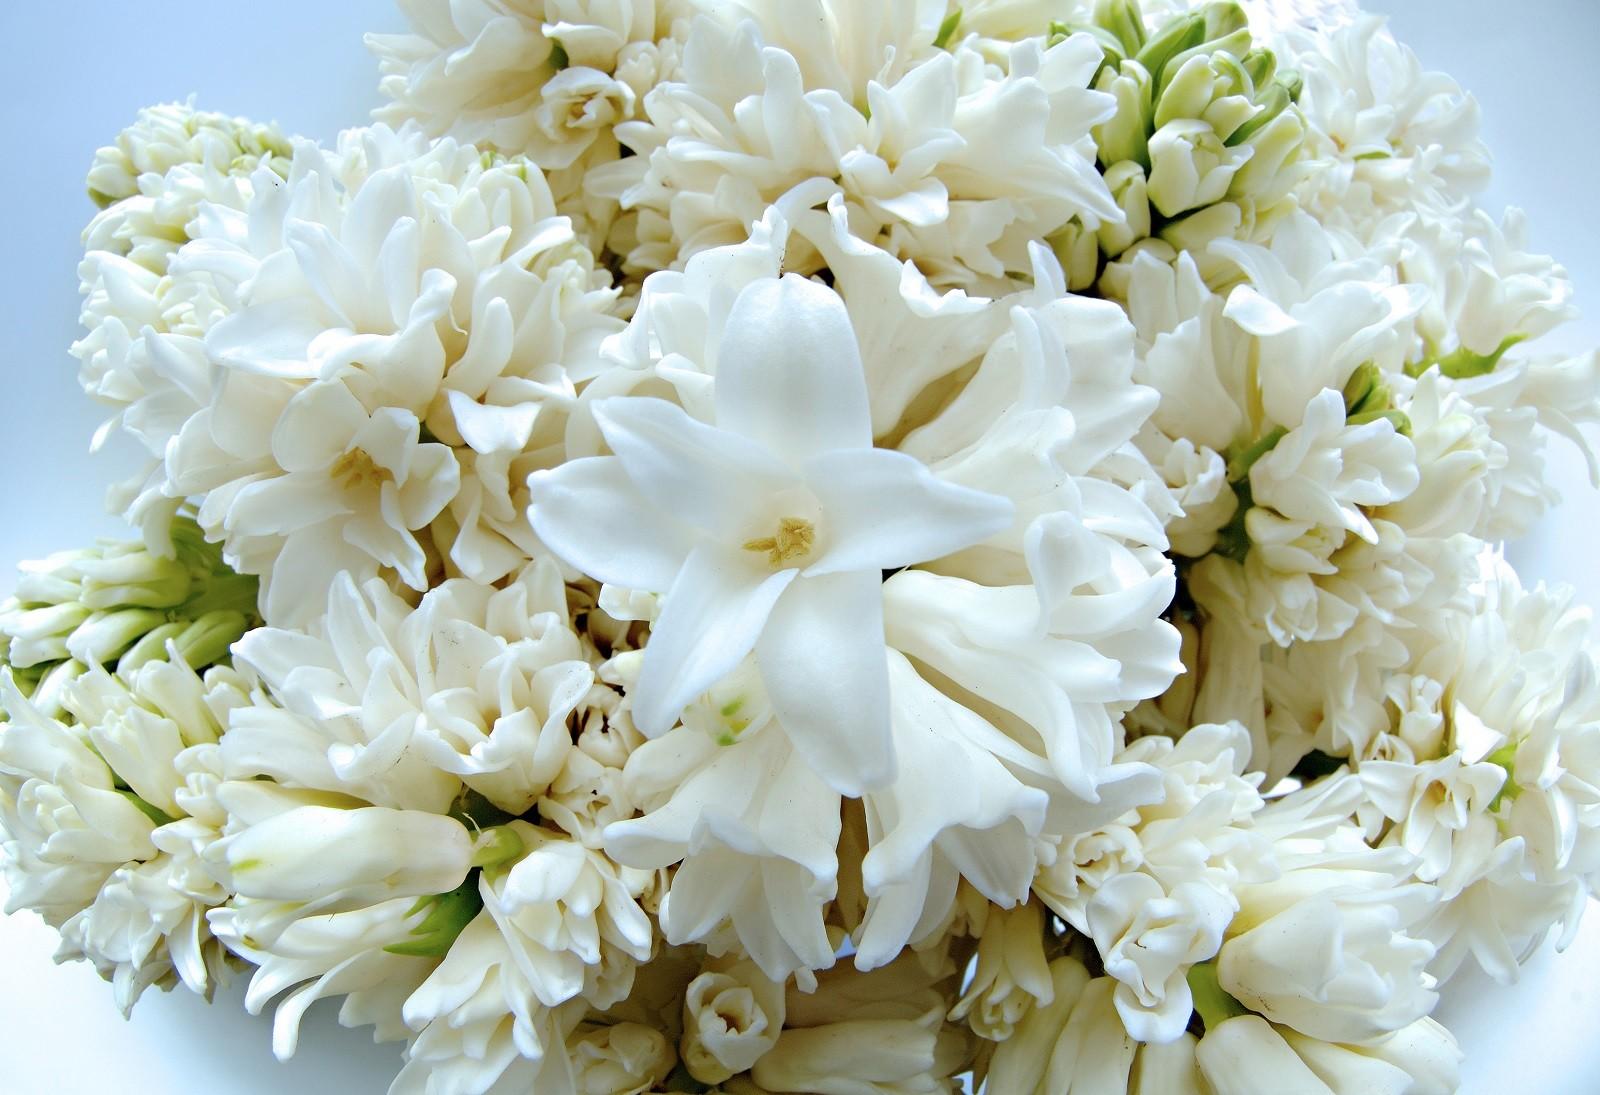 Hiacynty doniczkowe to popularna nazwa. W doniczkach są pędzone hiacynty wschodnie. Uprawia się je także w gruncie. Fot. Flower Council of Holland/thejoyofplants.co.uk